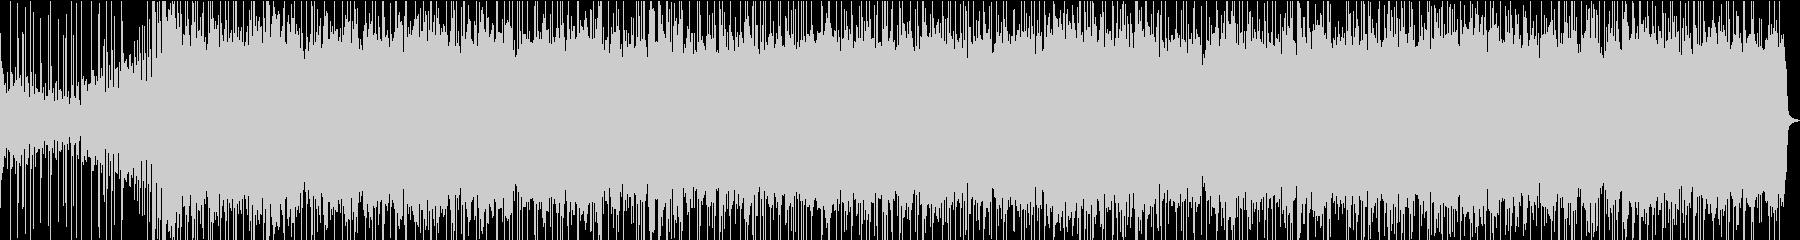 軽快なシンセサイザーの心地よいサウンドの未再生の波形